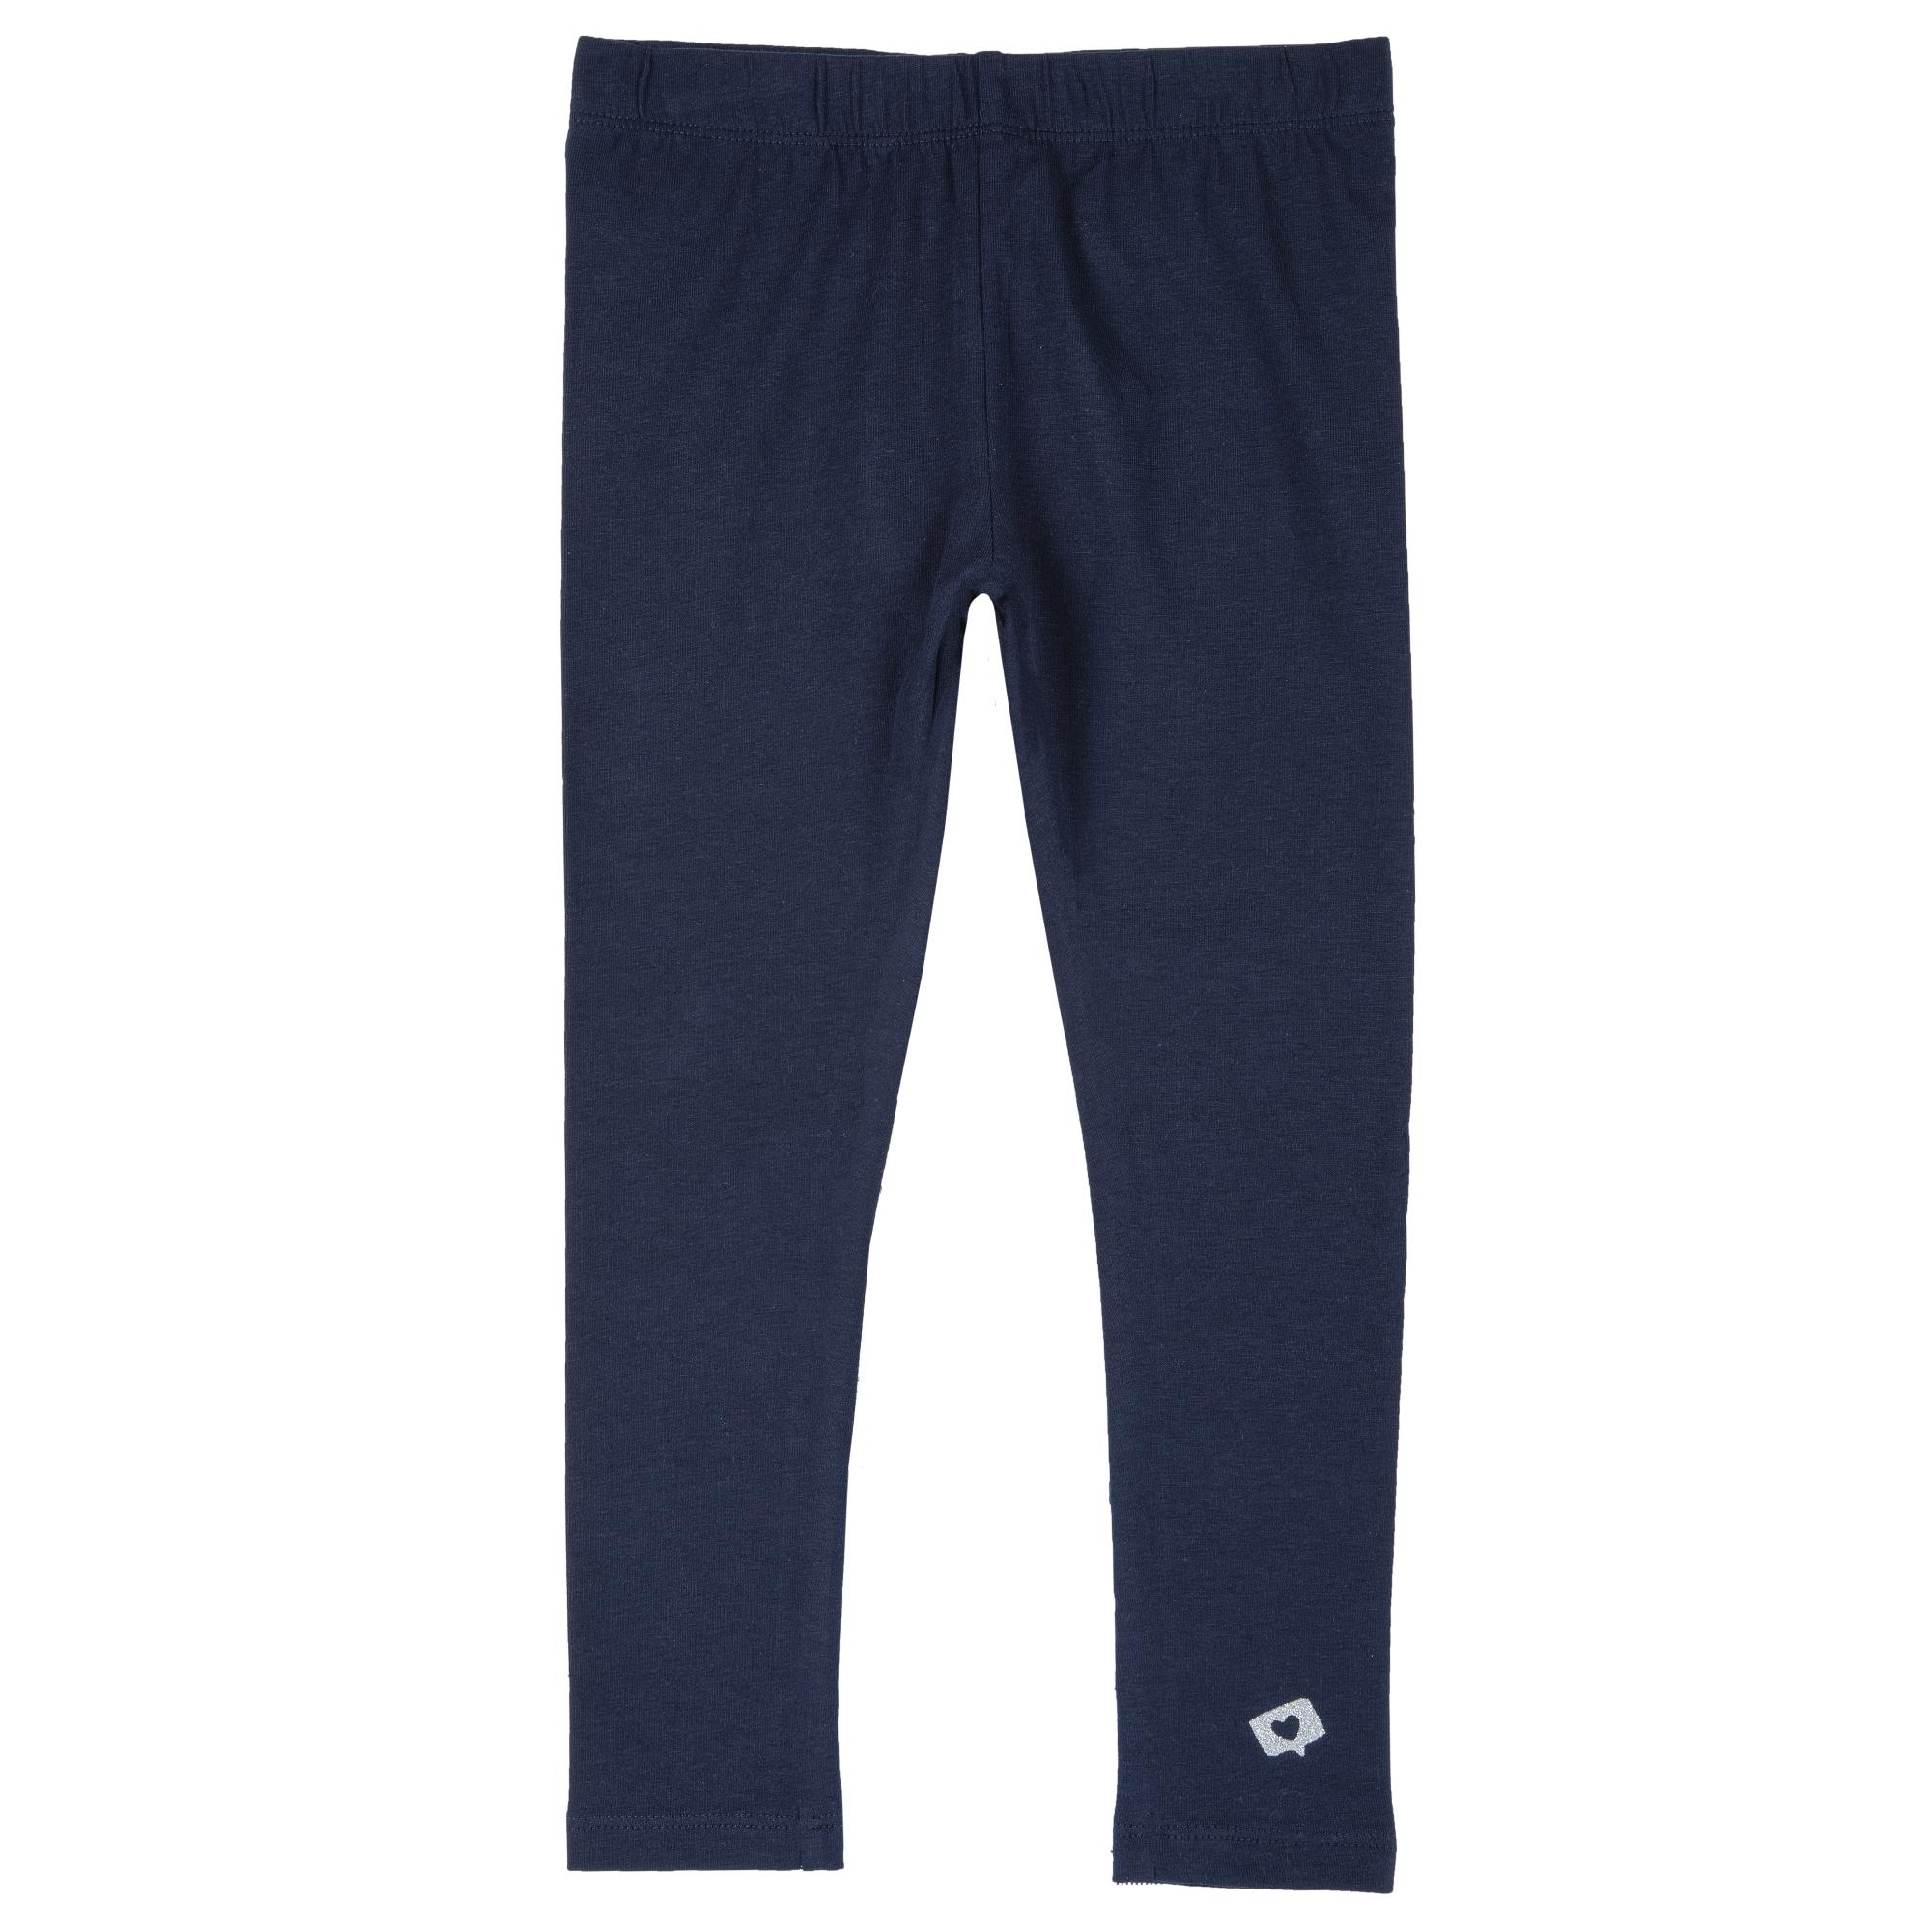 Pantalon Colant Copii Chicco, Elastic, Albastru, 25864 imagine